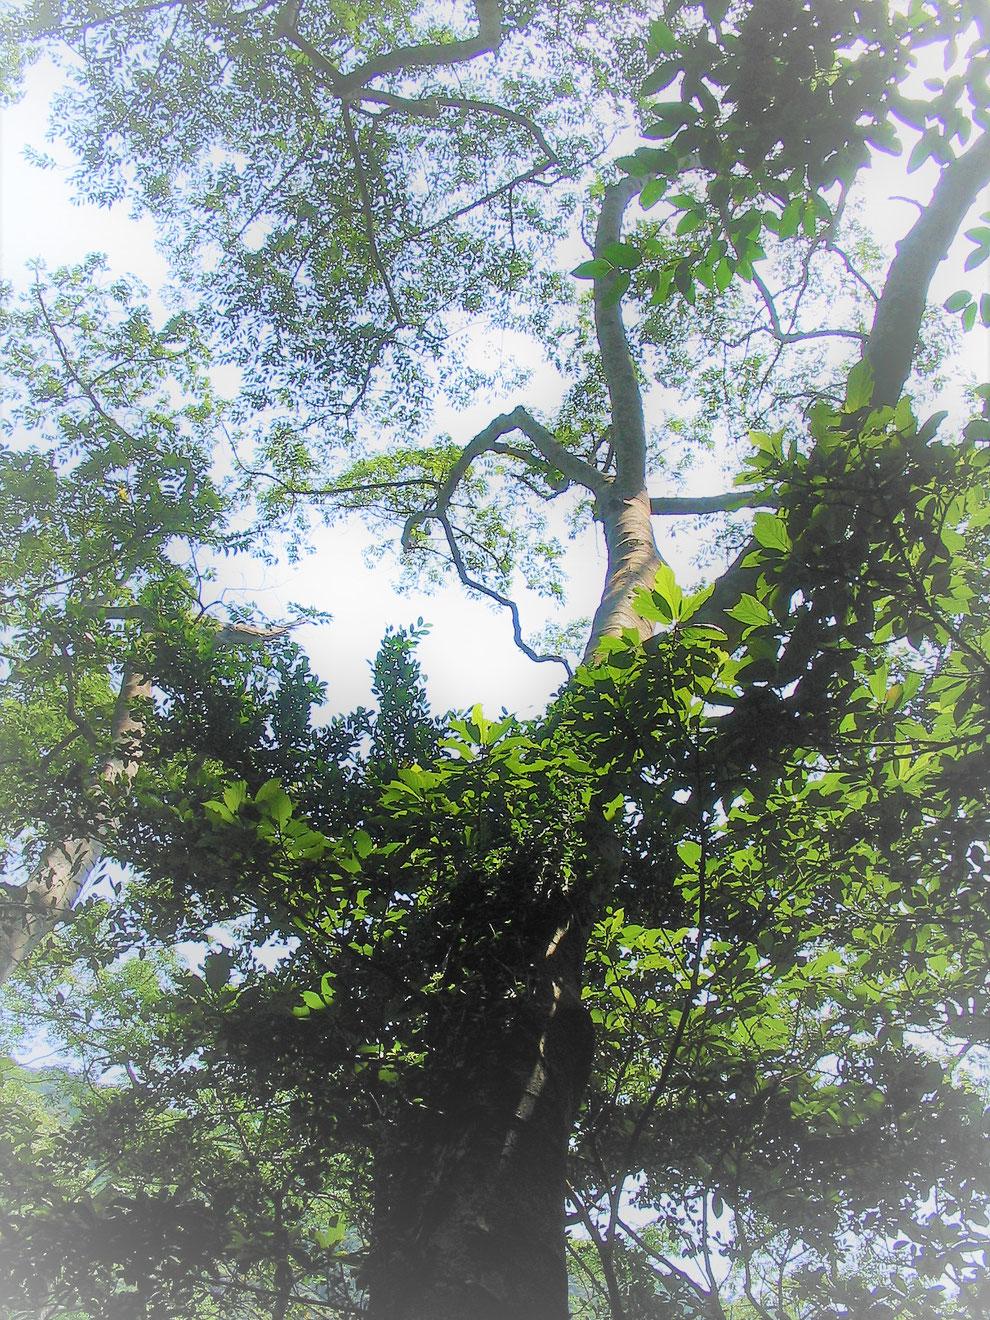 竪琴 ライアー てるる詩の木工房 てるる 41弦 39弦 leier lyre 沖縄の木 おきなわの木 竪琴販売 竪琴制作 ギター